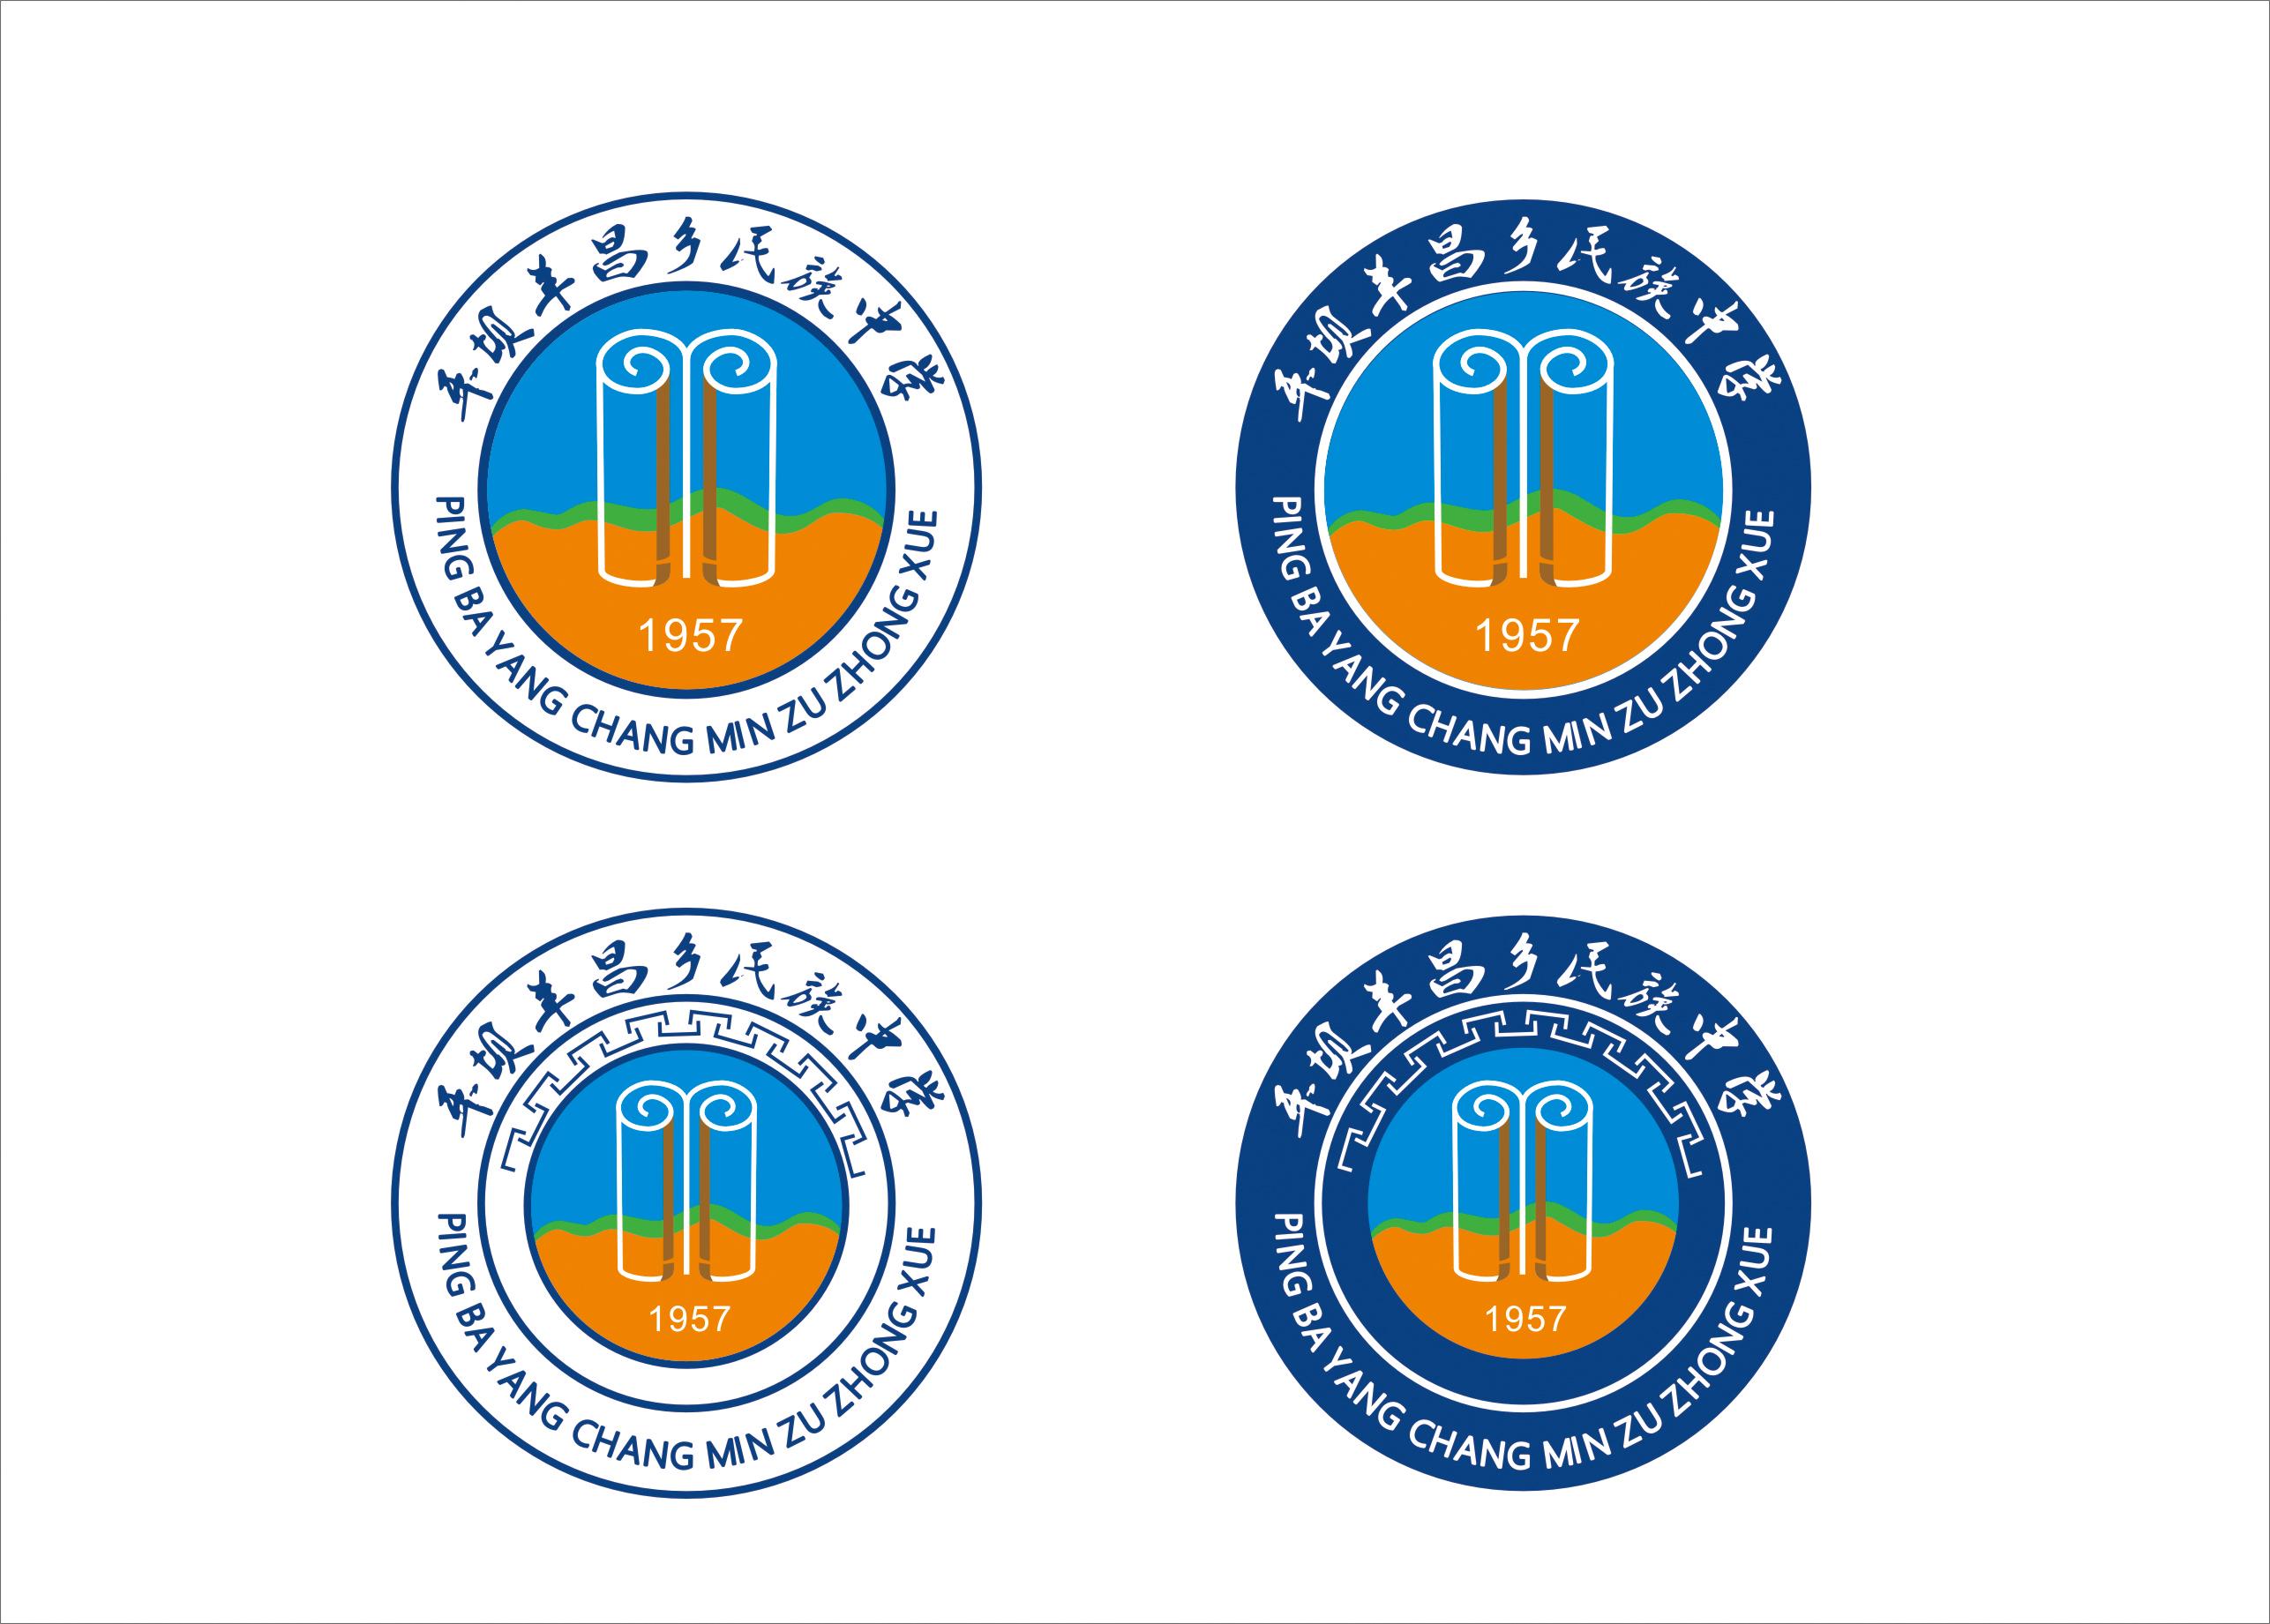 民族复兴的两大标志-见有几个人穿着logo像两座连绵的山一样的冲锋衣,但是不知道是什